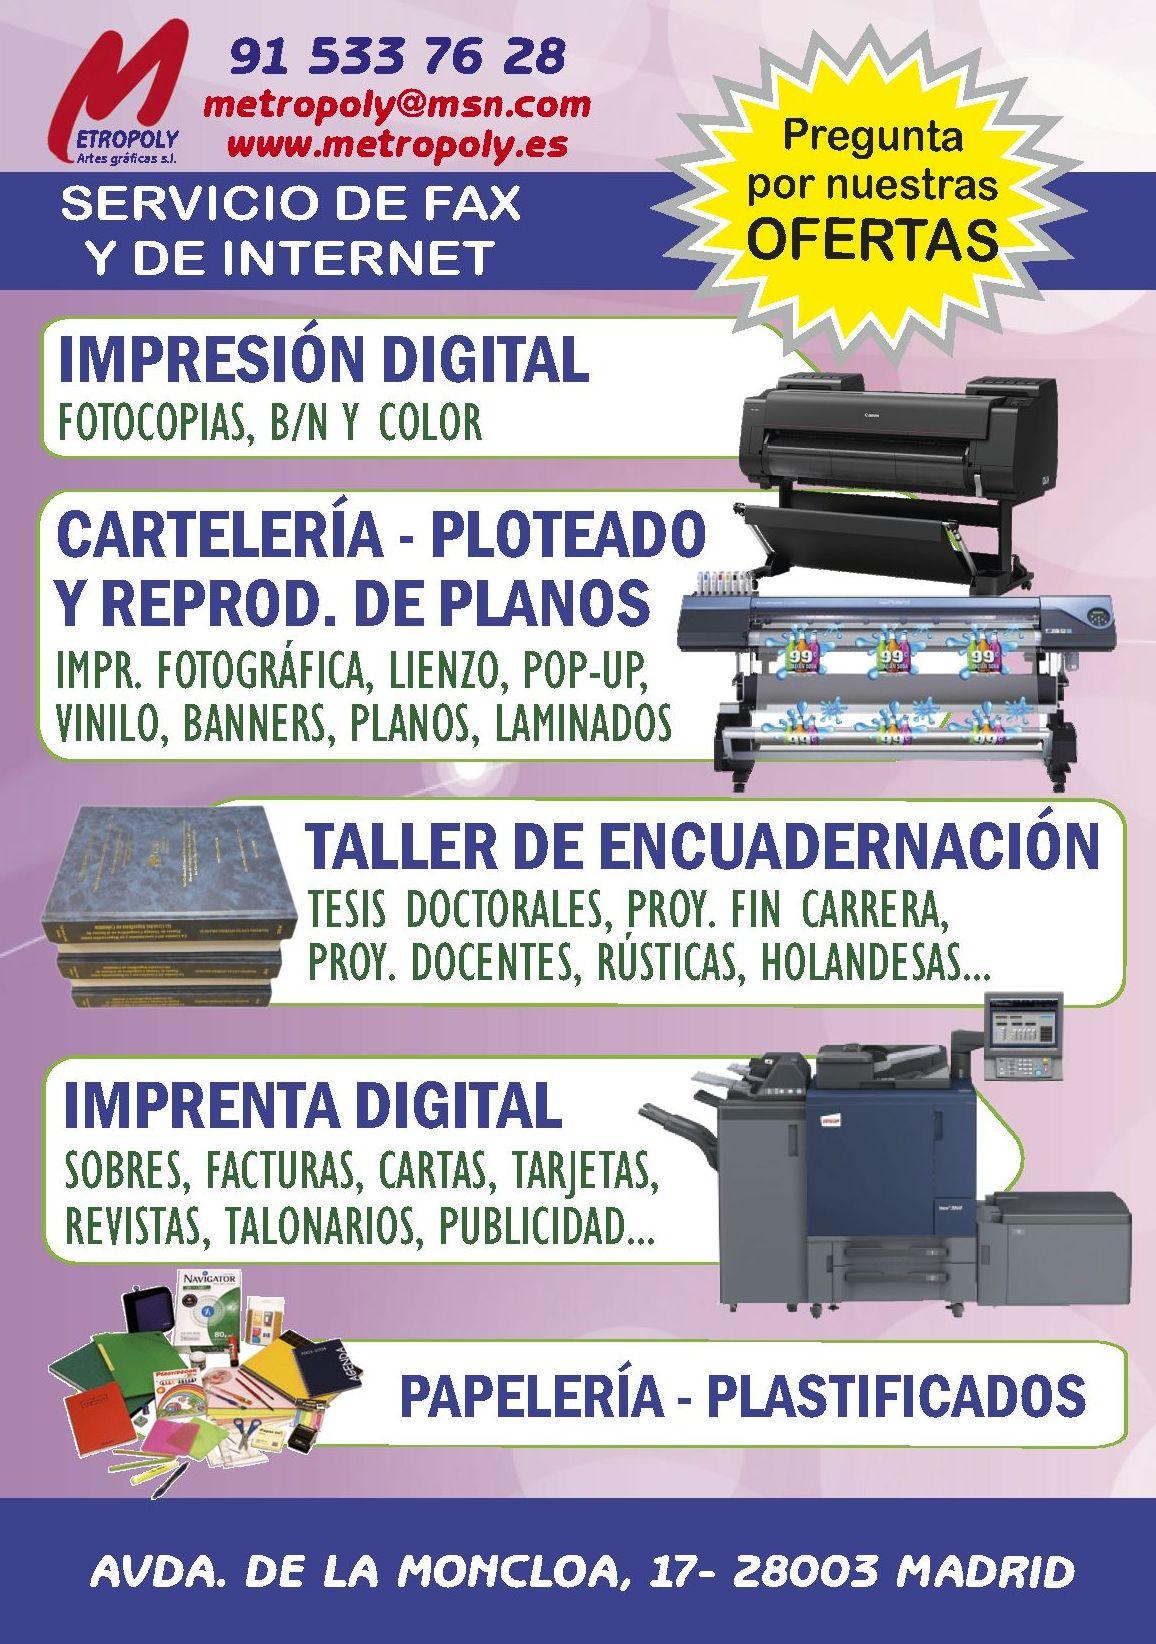 Foto 3 de Artes gráficas en Madrid | Grupo Metropoly Artes Gráficas